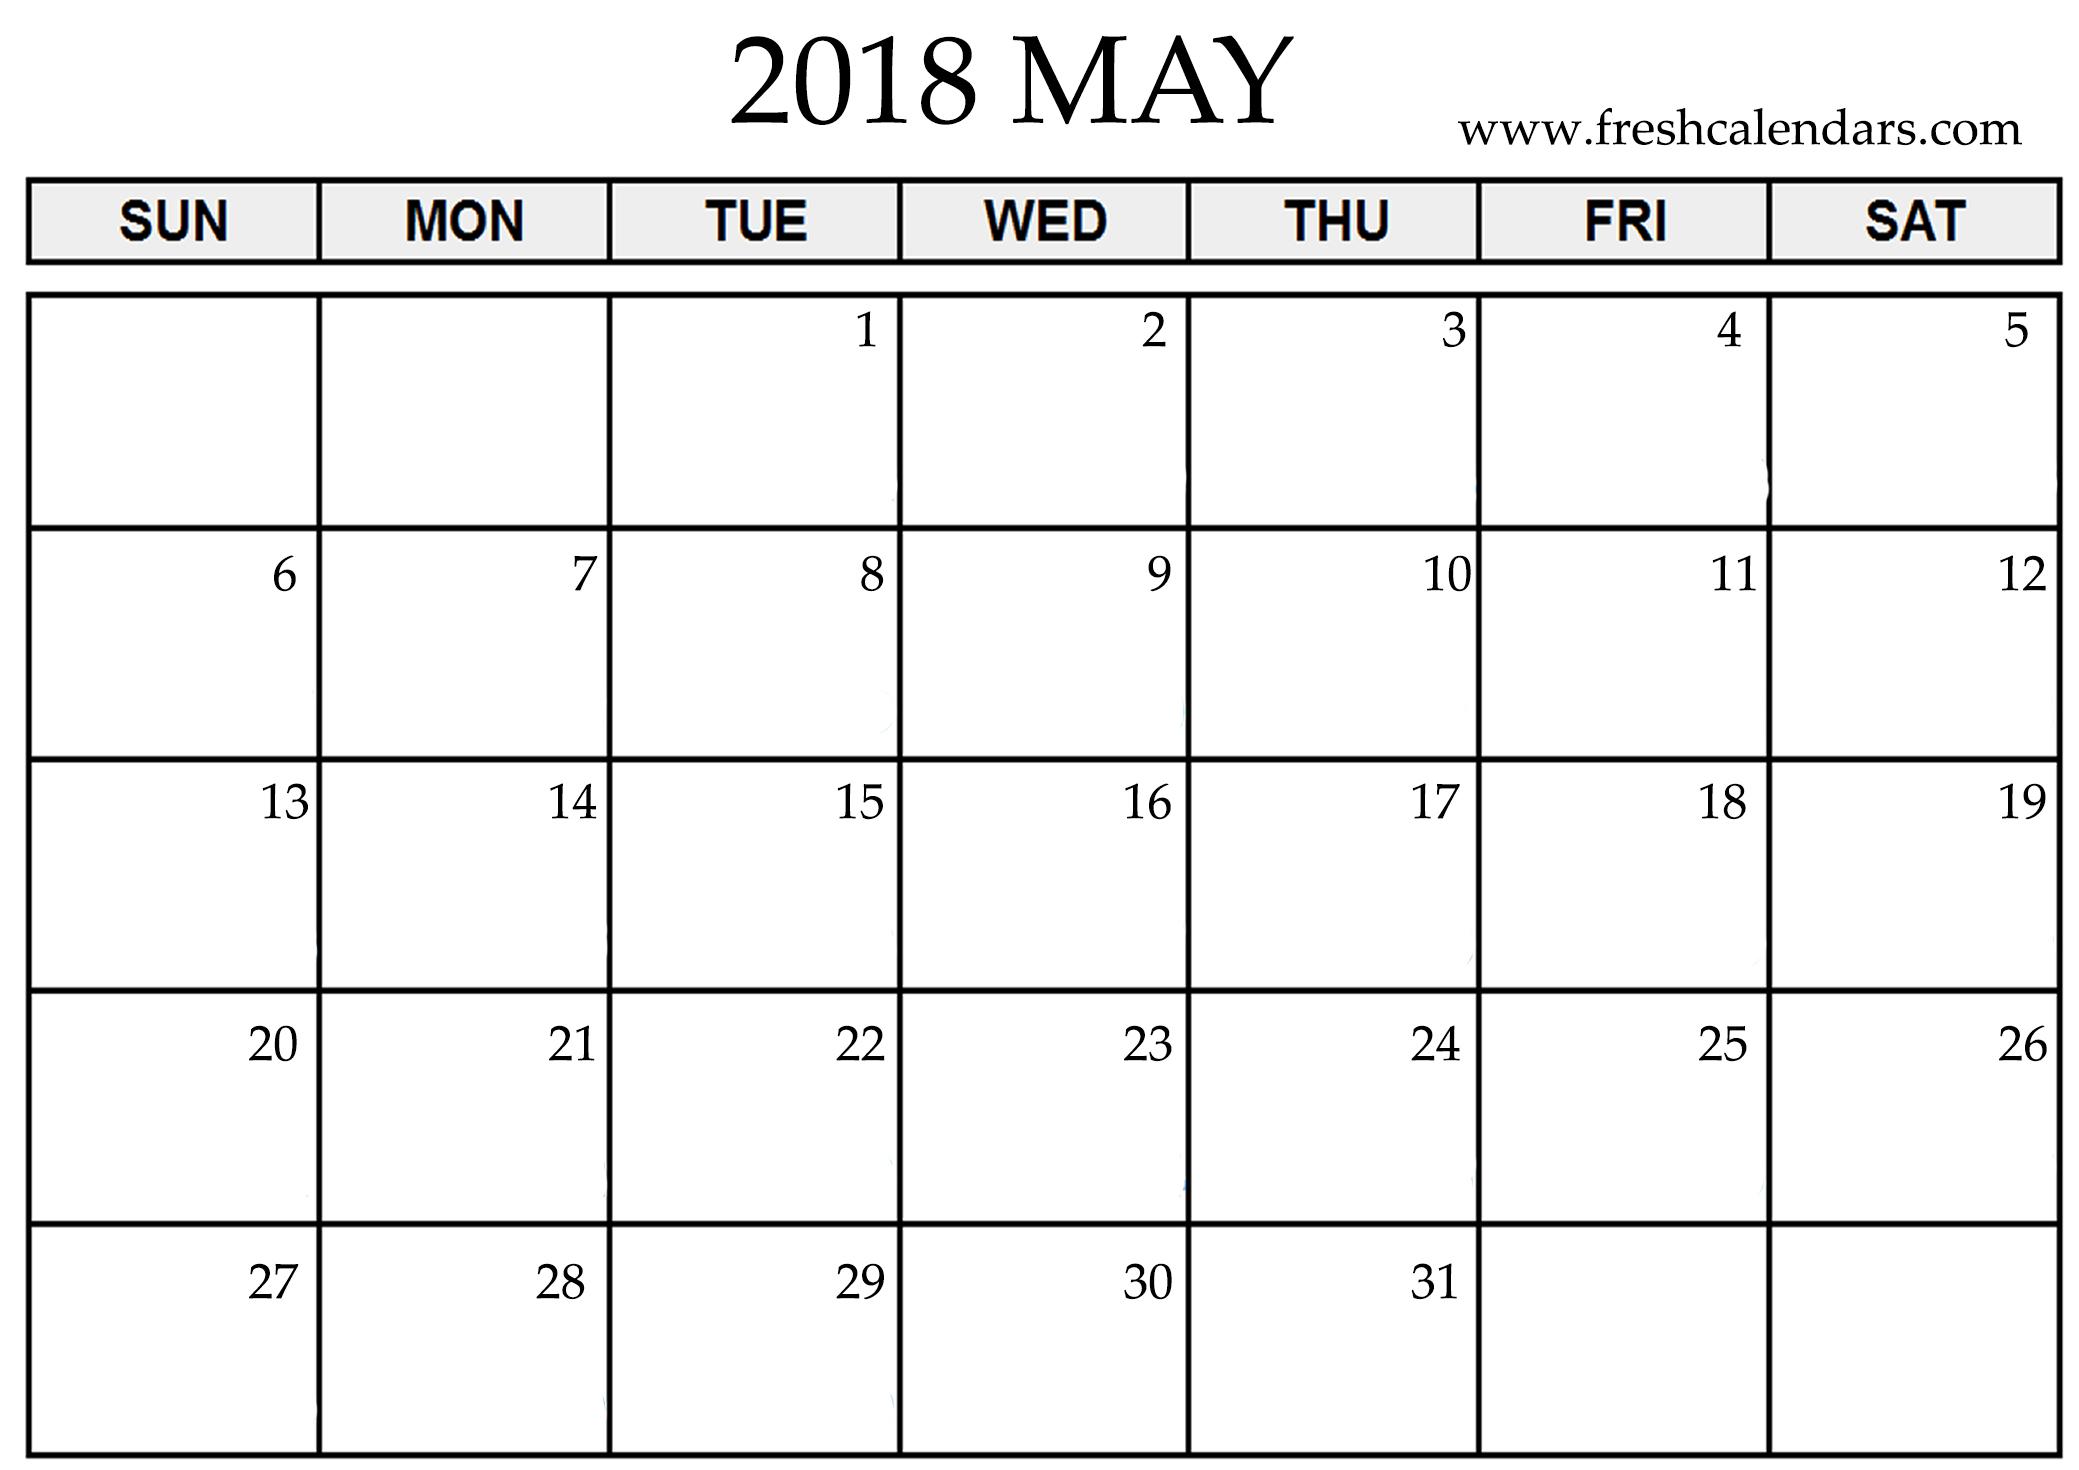 2018 may calendar